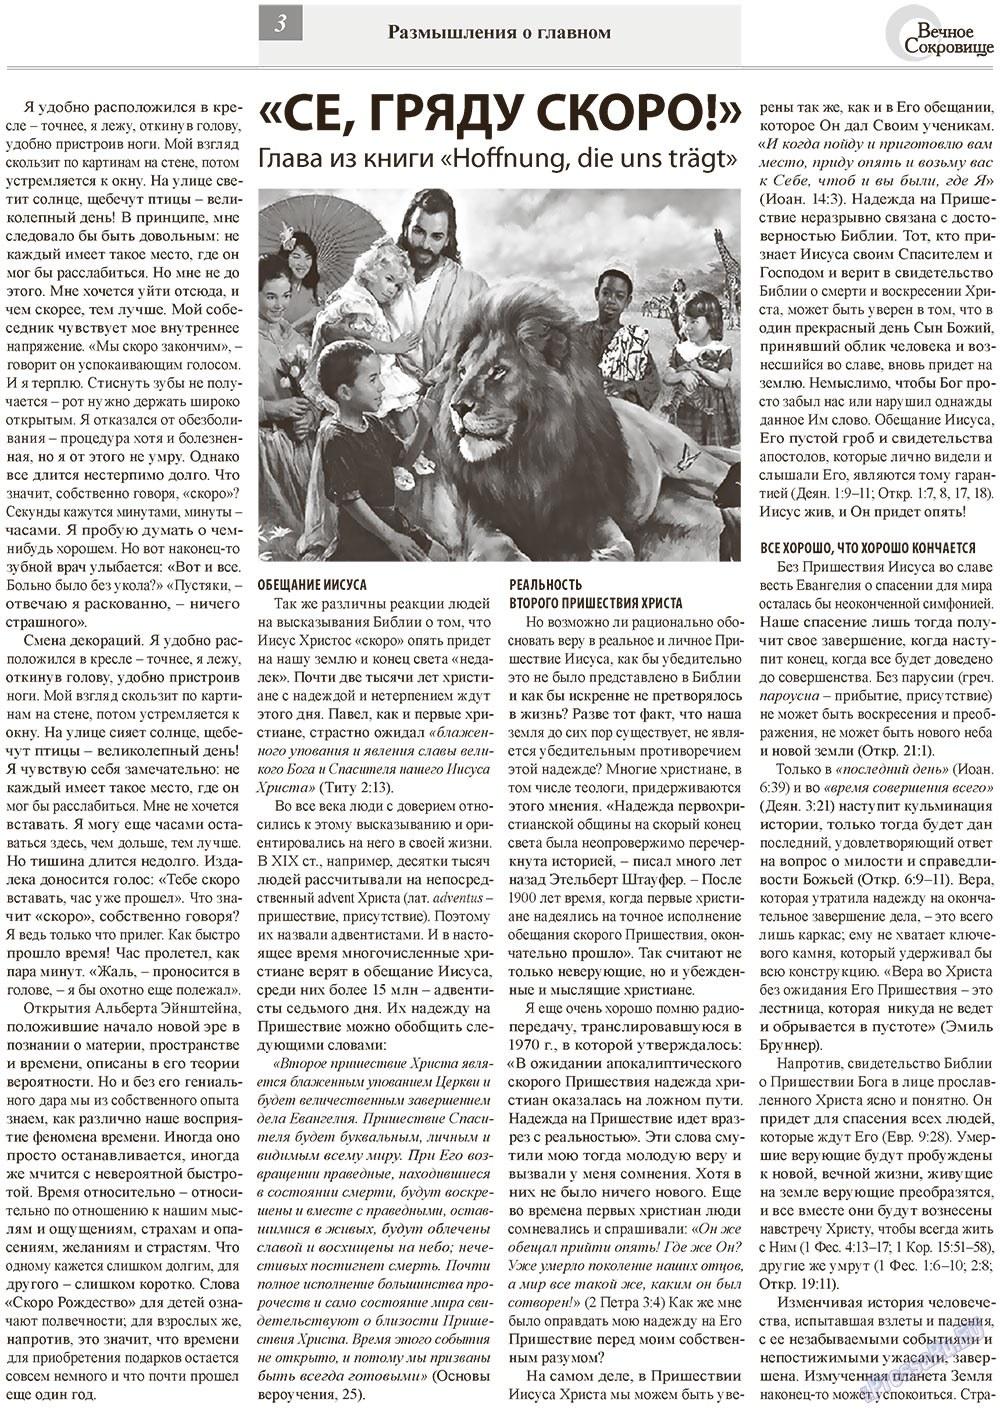 Вечное сокровище (газета). 2013 год, номер 1, стр. 3